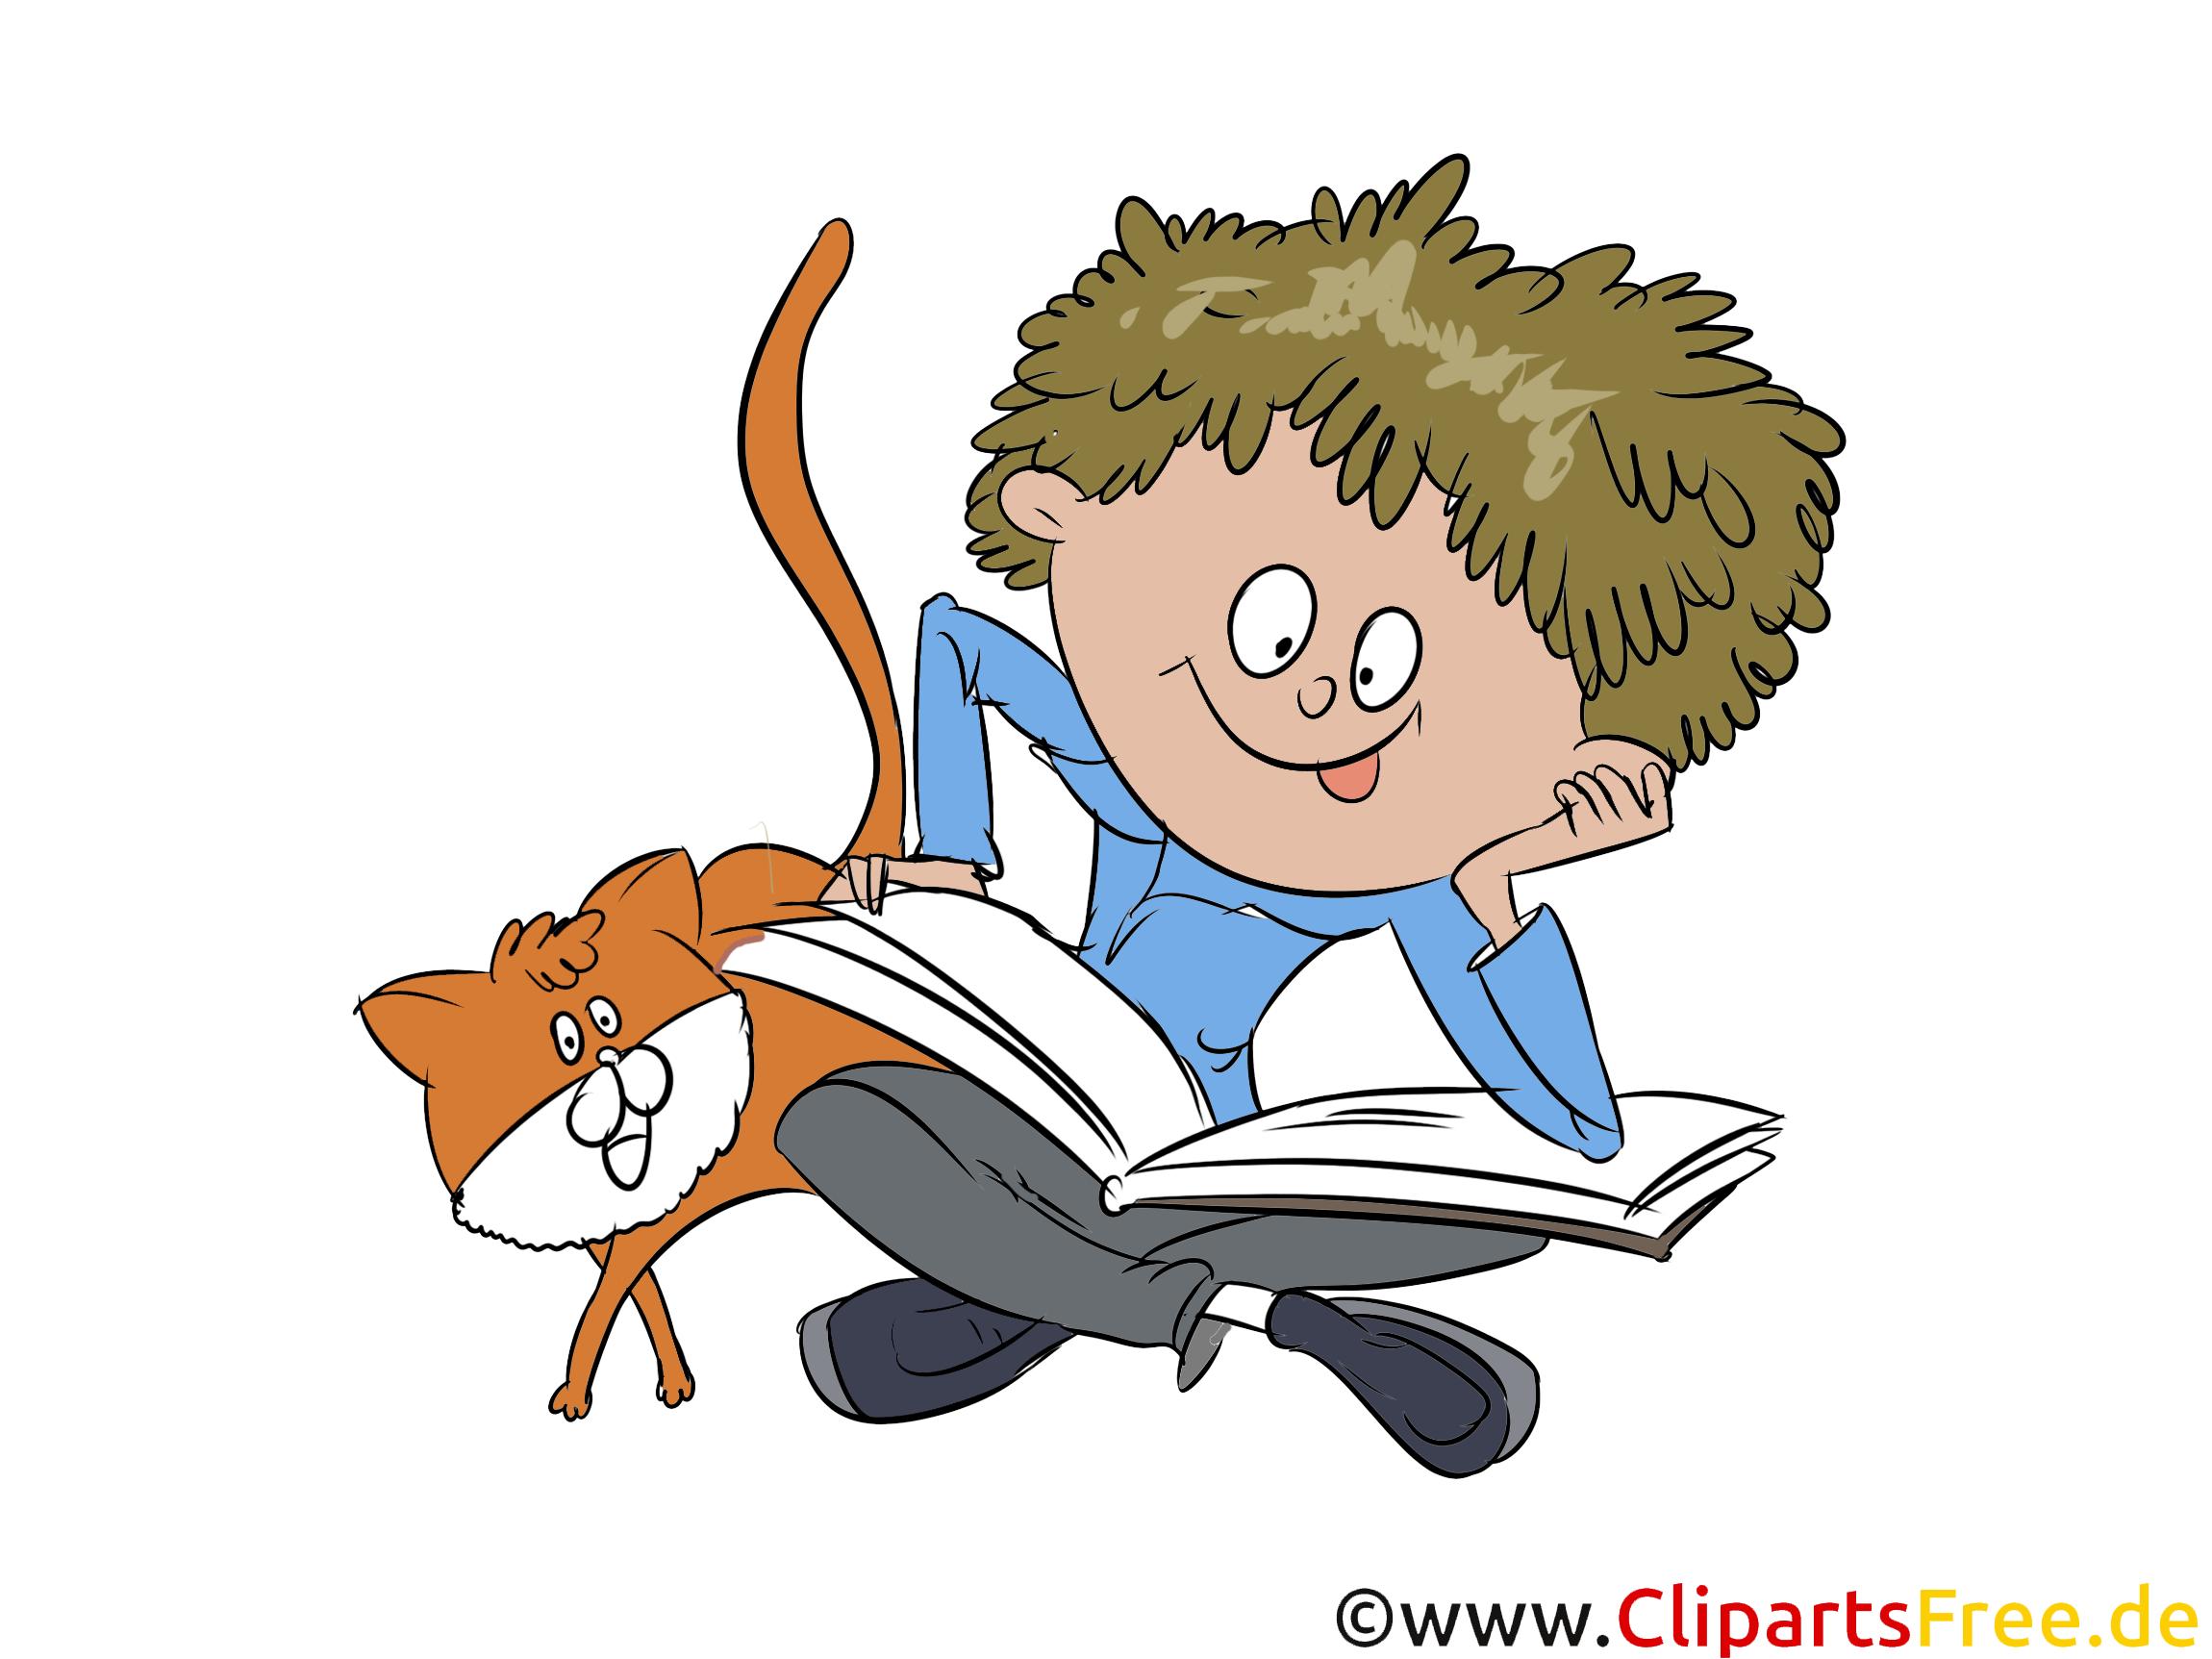 Schüler, Junge liest ein Buch Illustration, Bild, Grafik